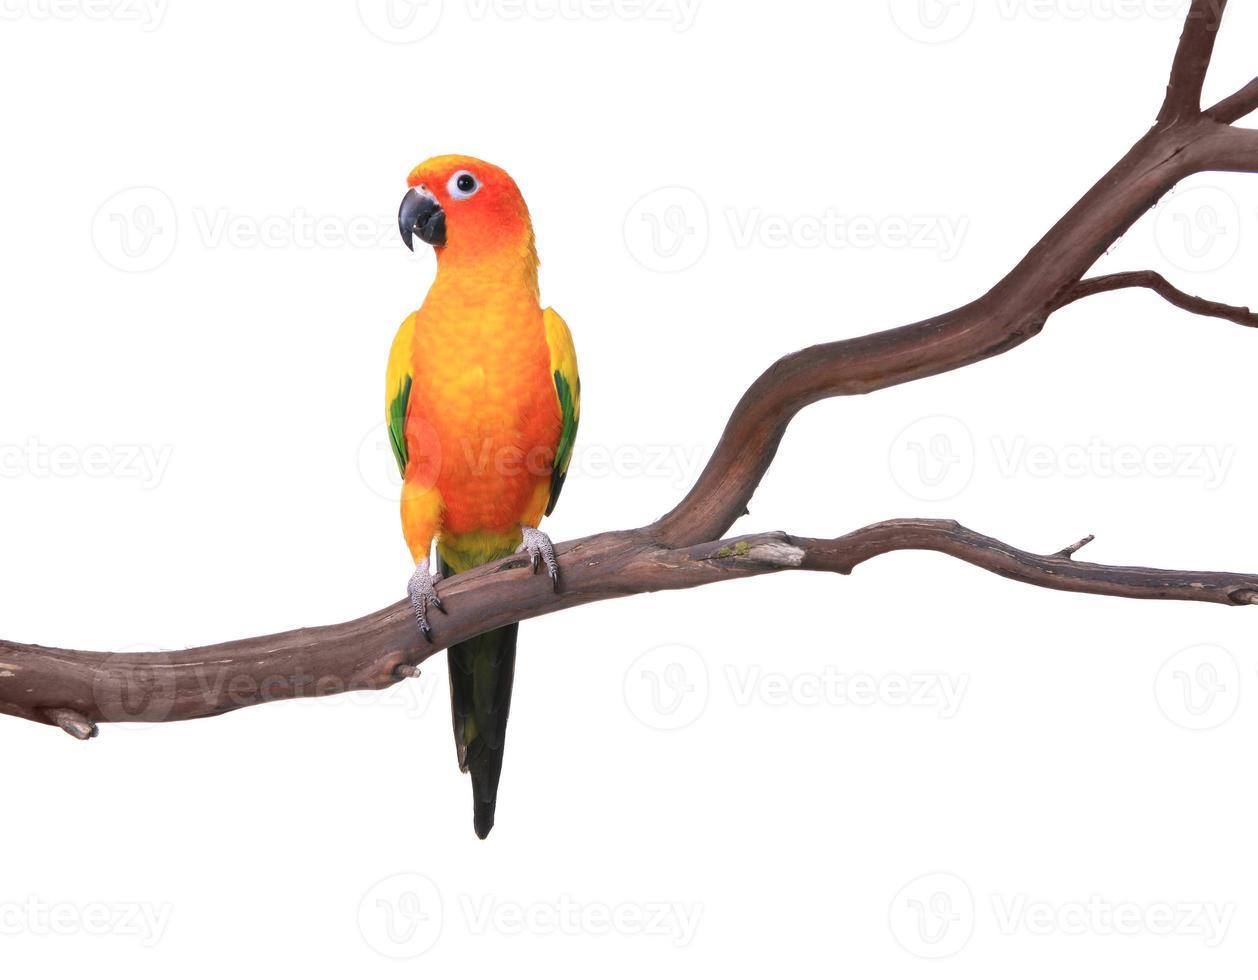 Sol solo loro conure en la rama de un árbol foto